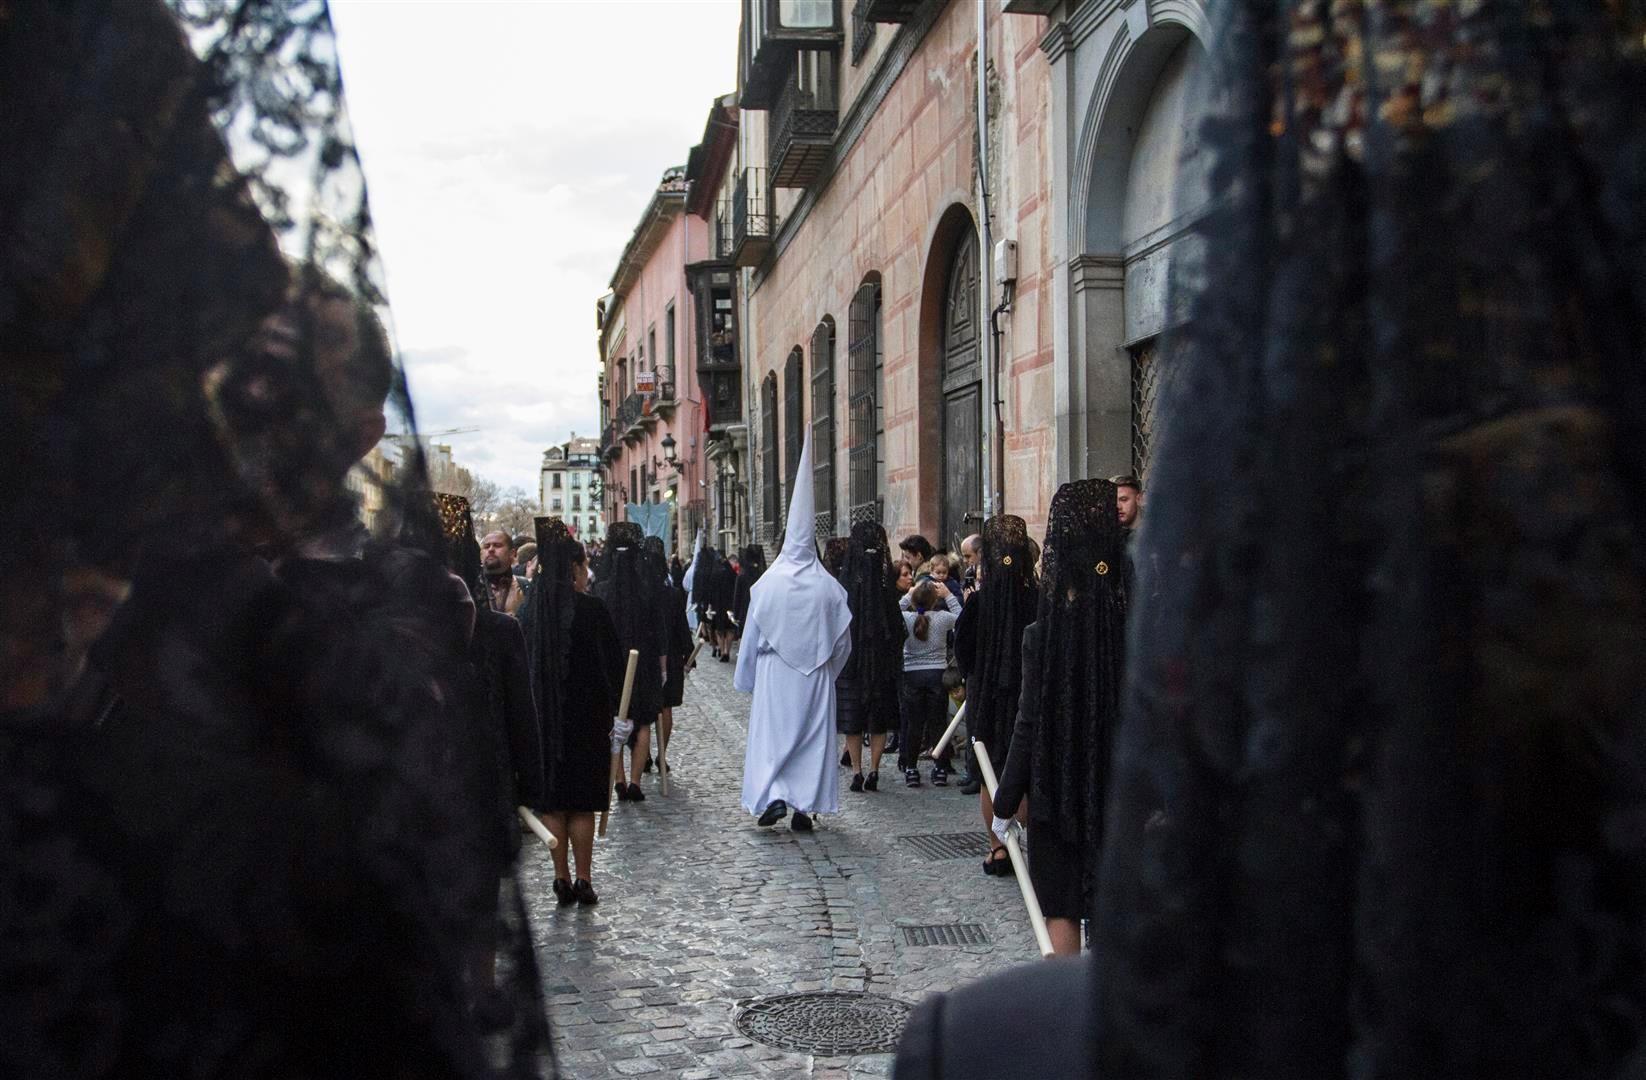 the streets of Granada.